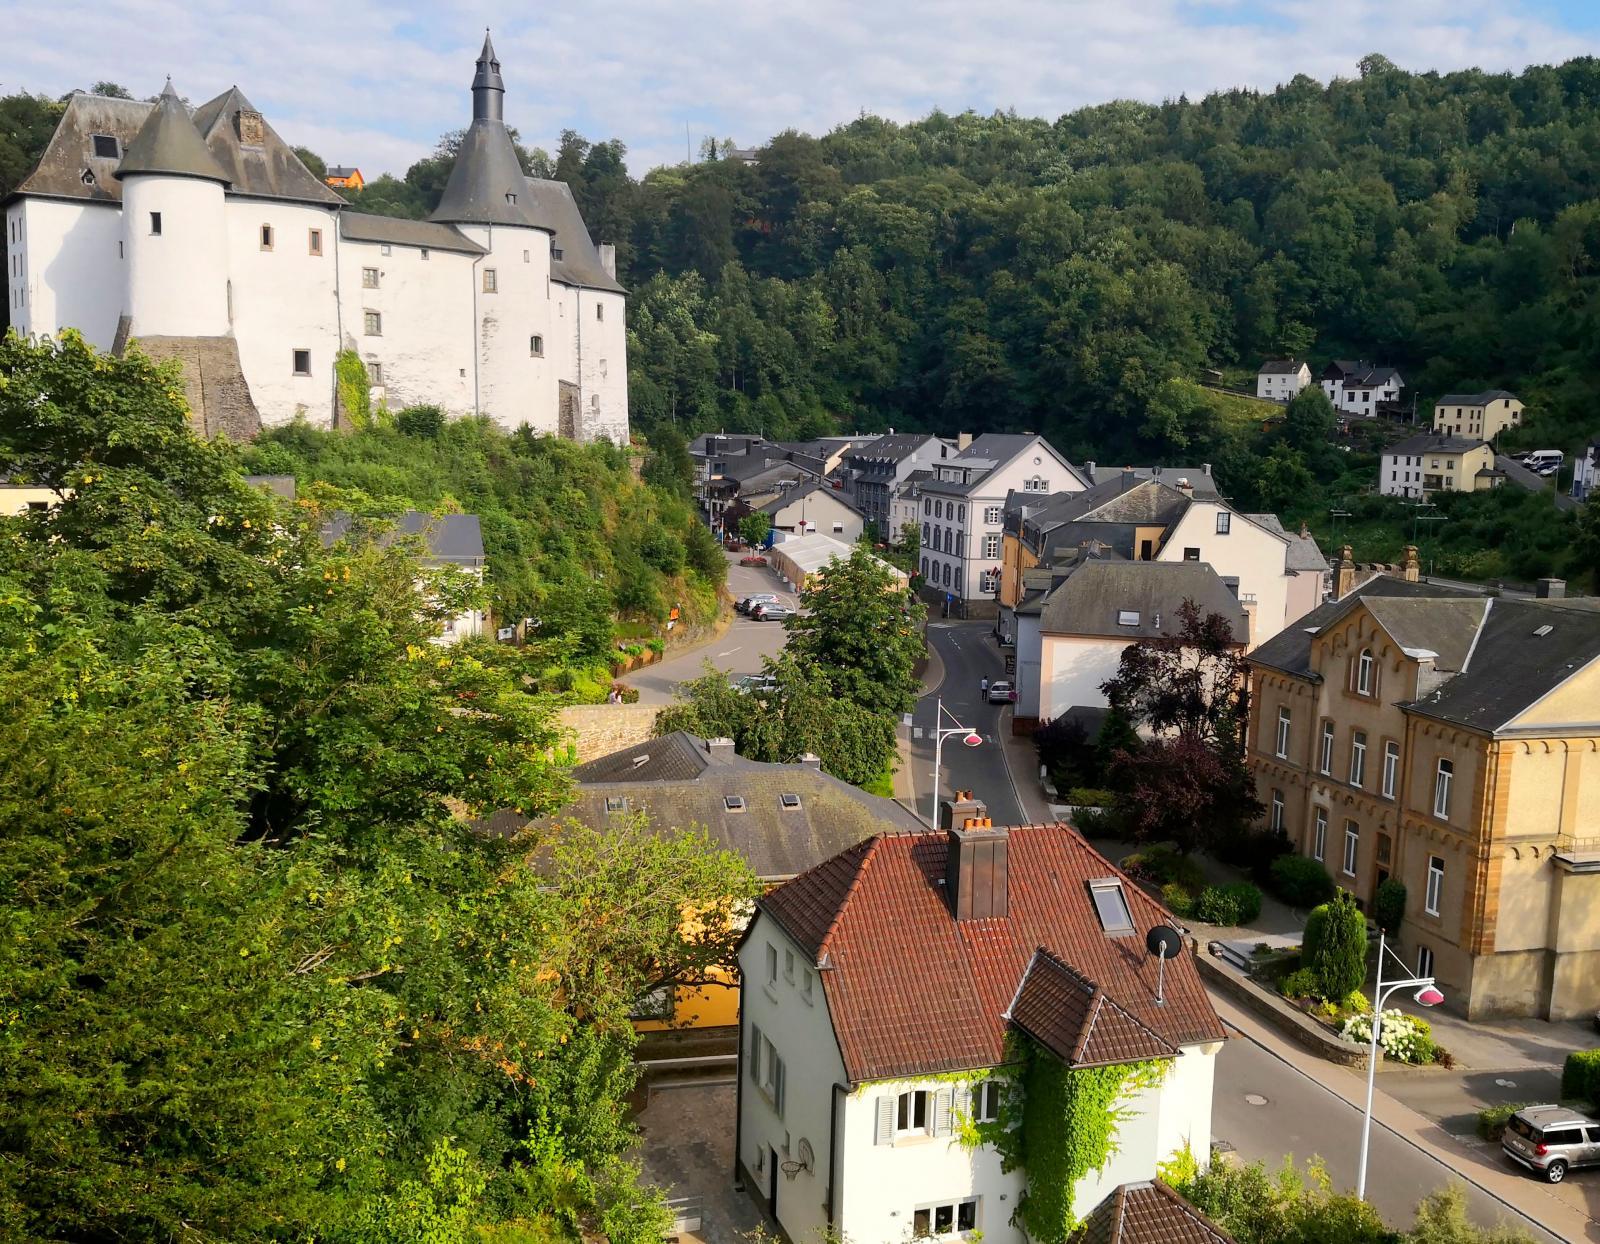 Efter tåget tillbaka till Clervaux besöker vi slottet i det vackra samhället innan vi återvänder till husbilen.